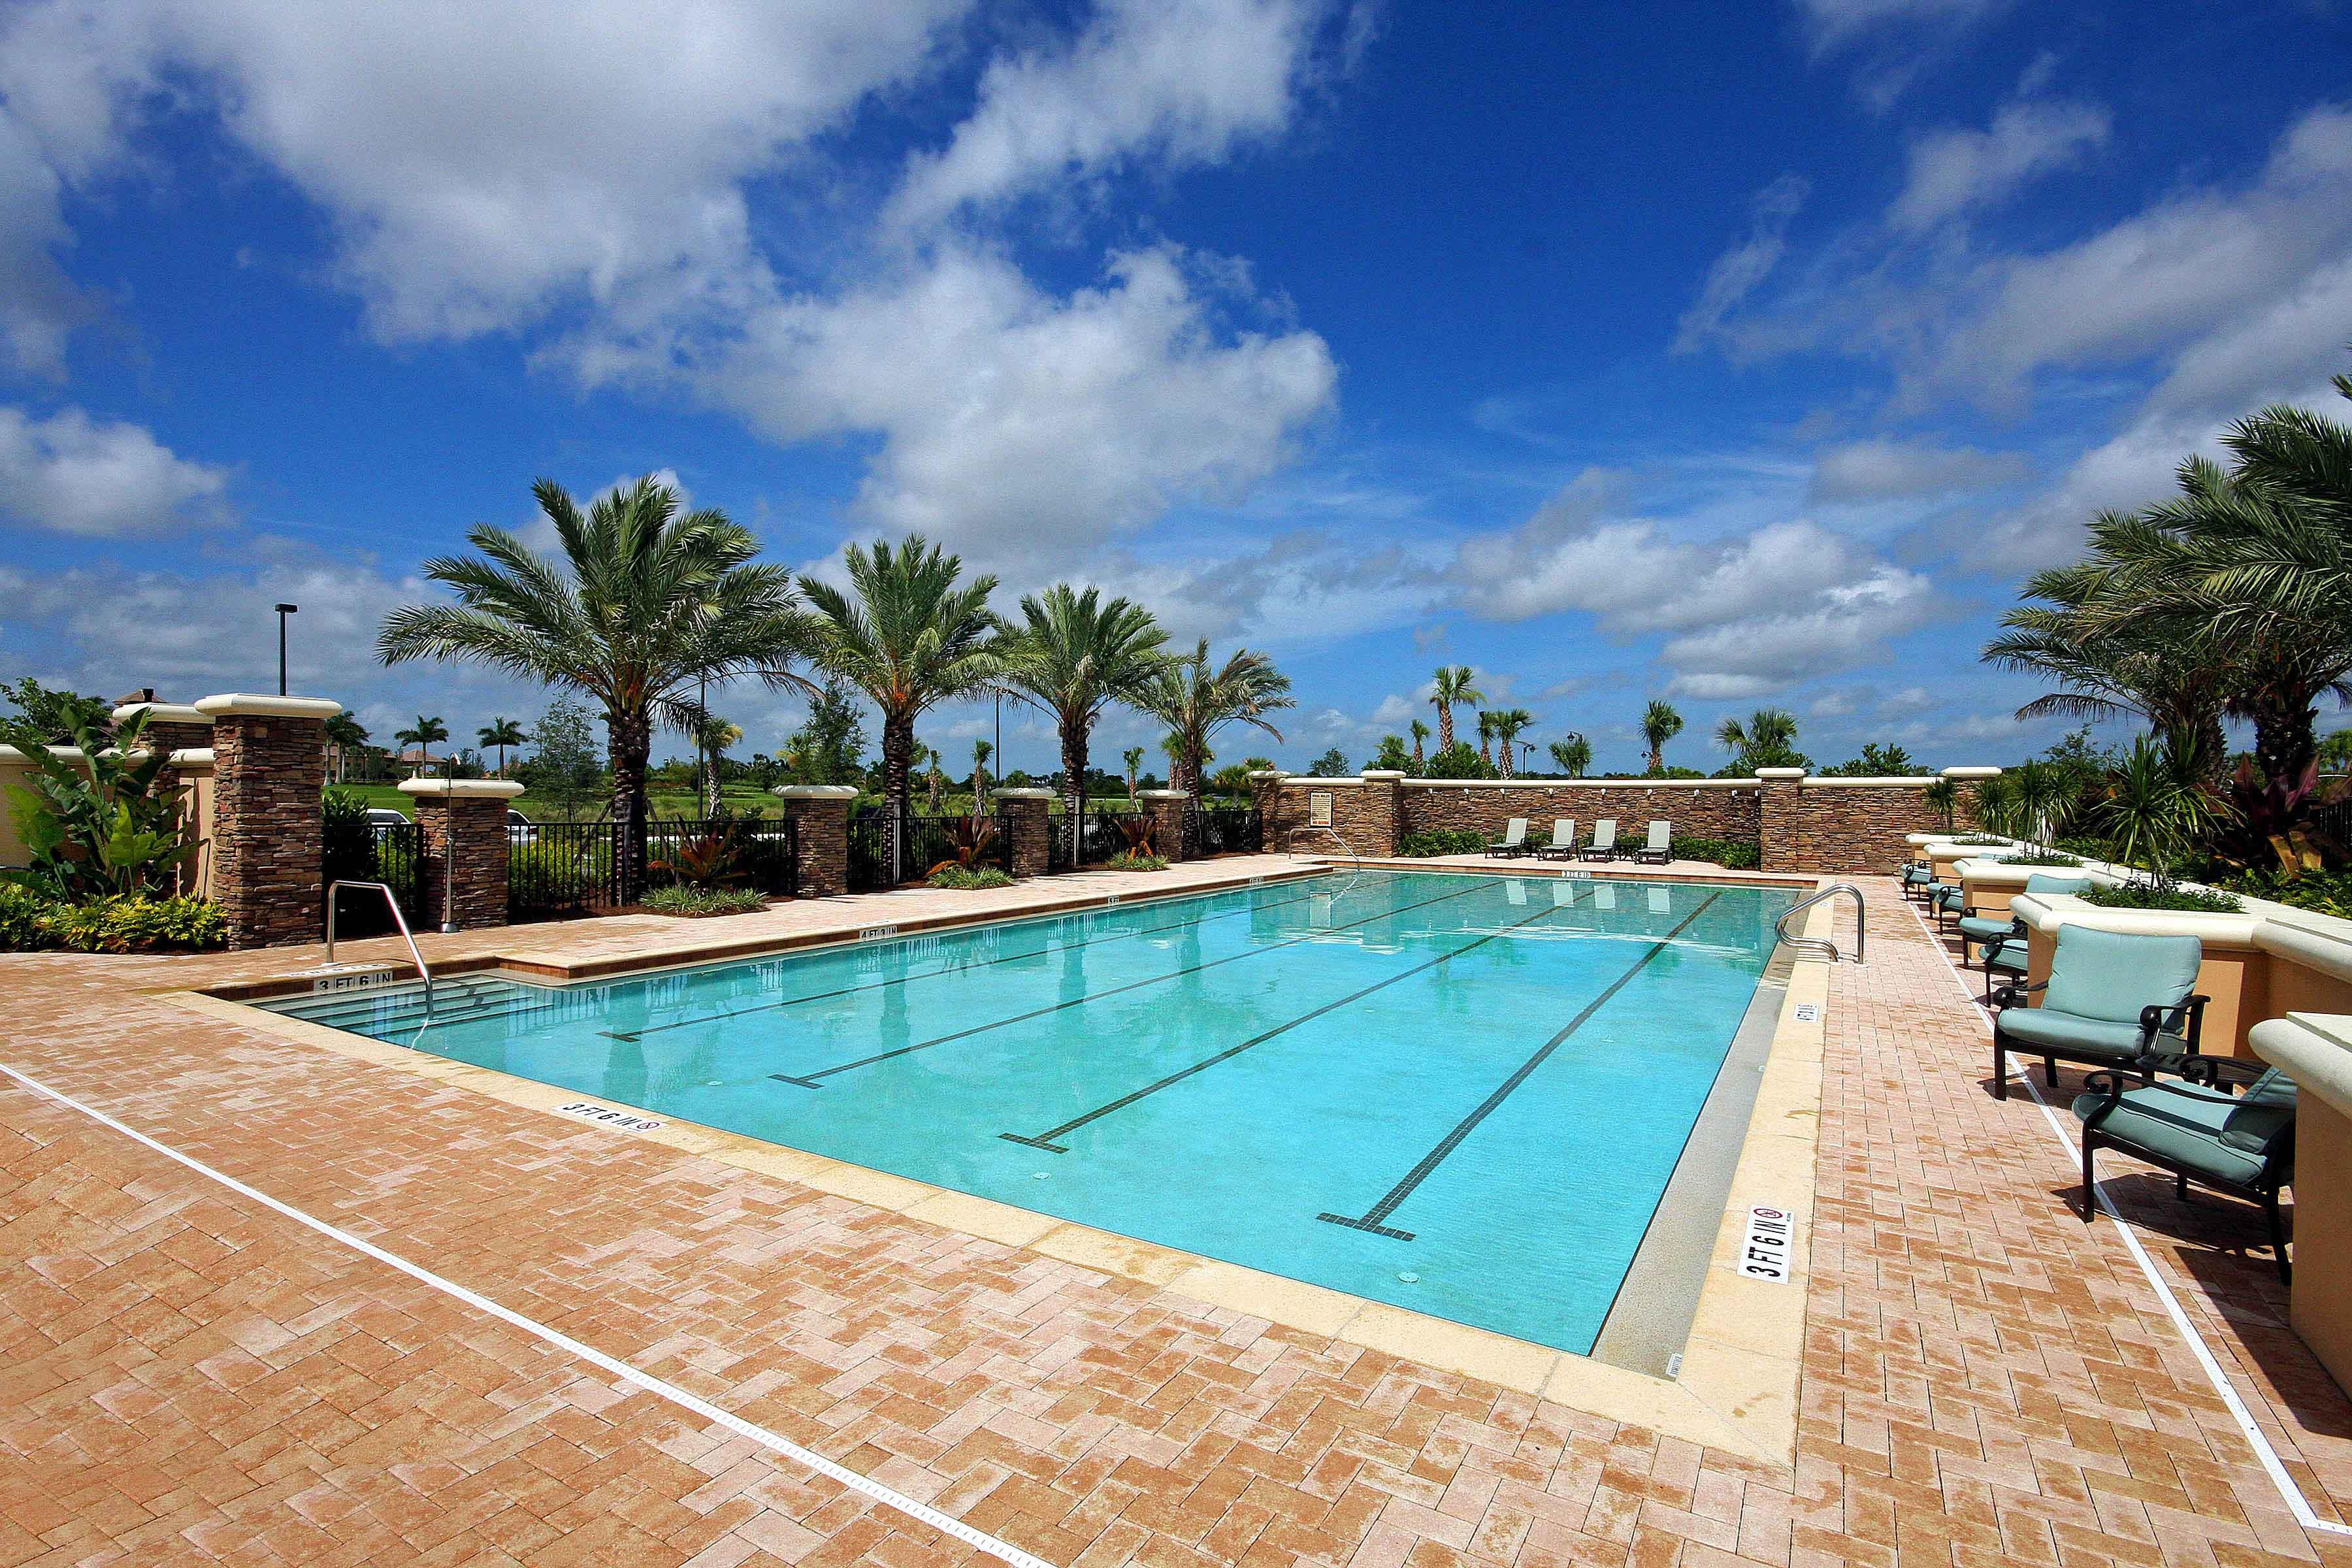 The Quarry Naples Lap Pool Jackson Pools Inc Serving Estero Naples Fort Myers Southwest Fl